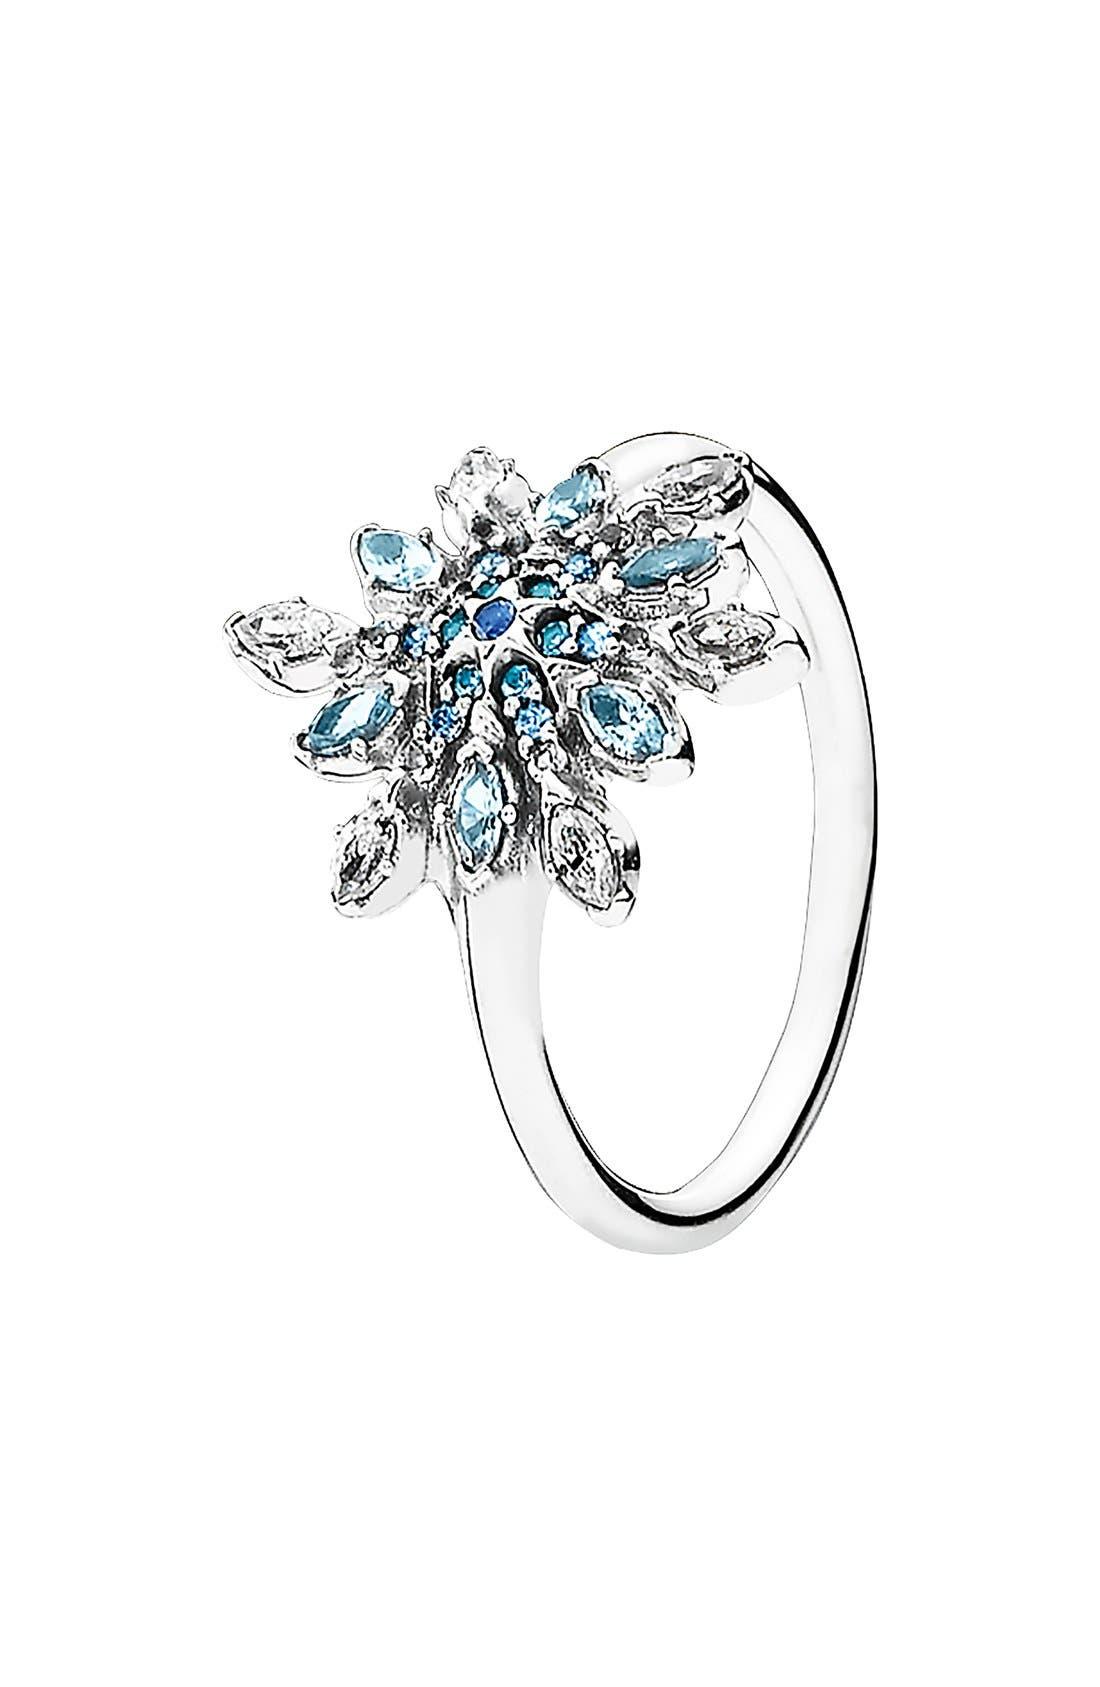 Main Image - PANDORA 'Snowflake' Cubic Zirconia Ring